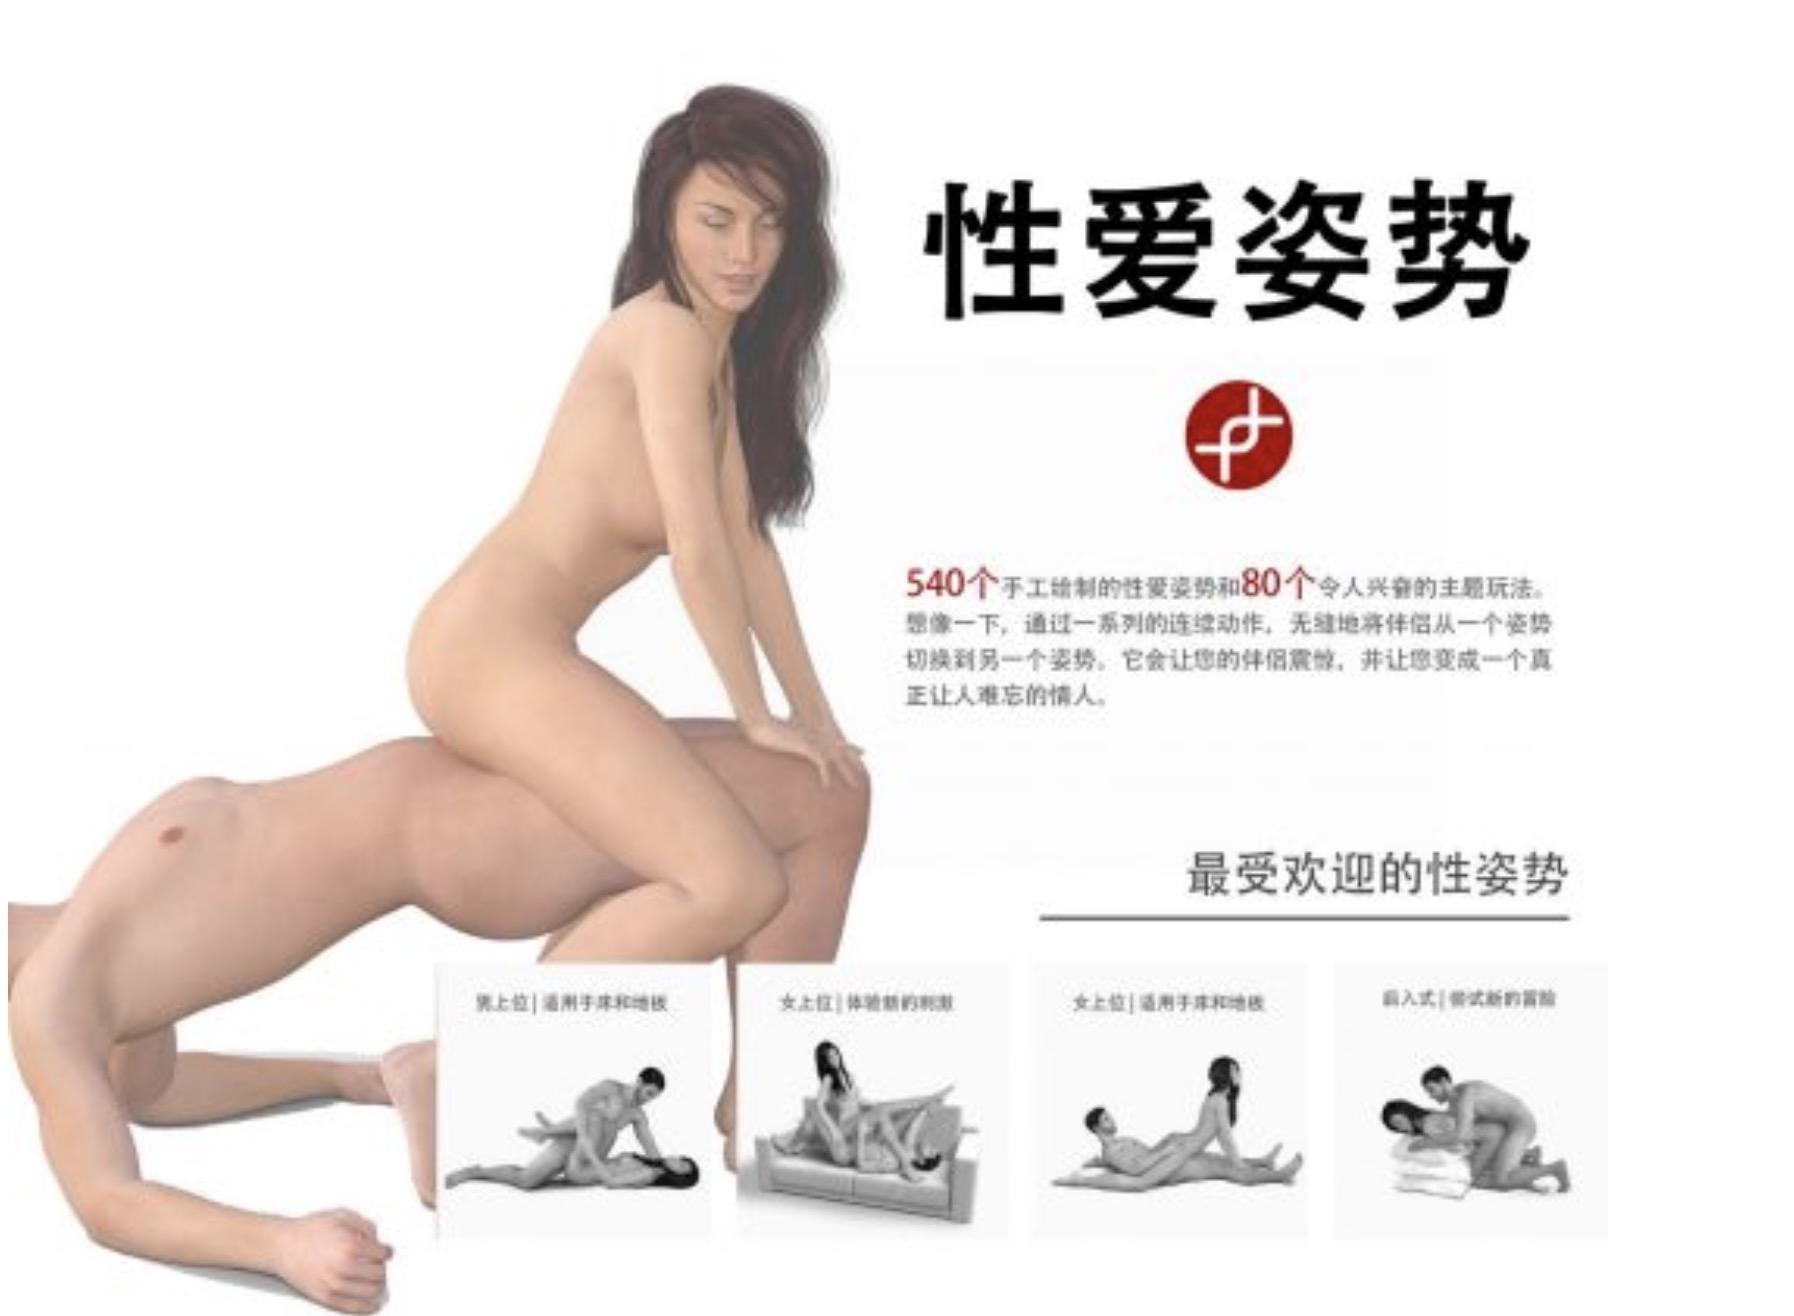 180个3D版X爱姿势,你一定能发现没用过的姿势 百度网盘